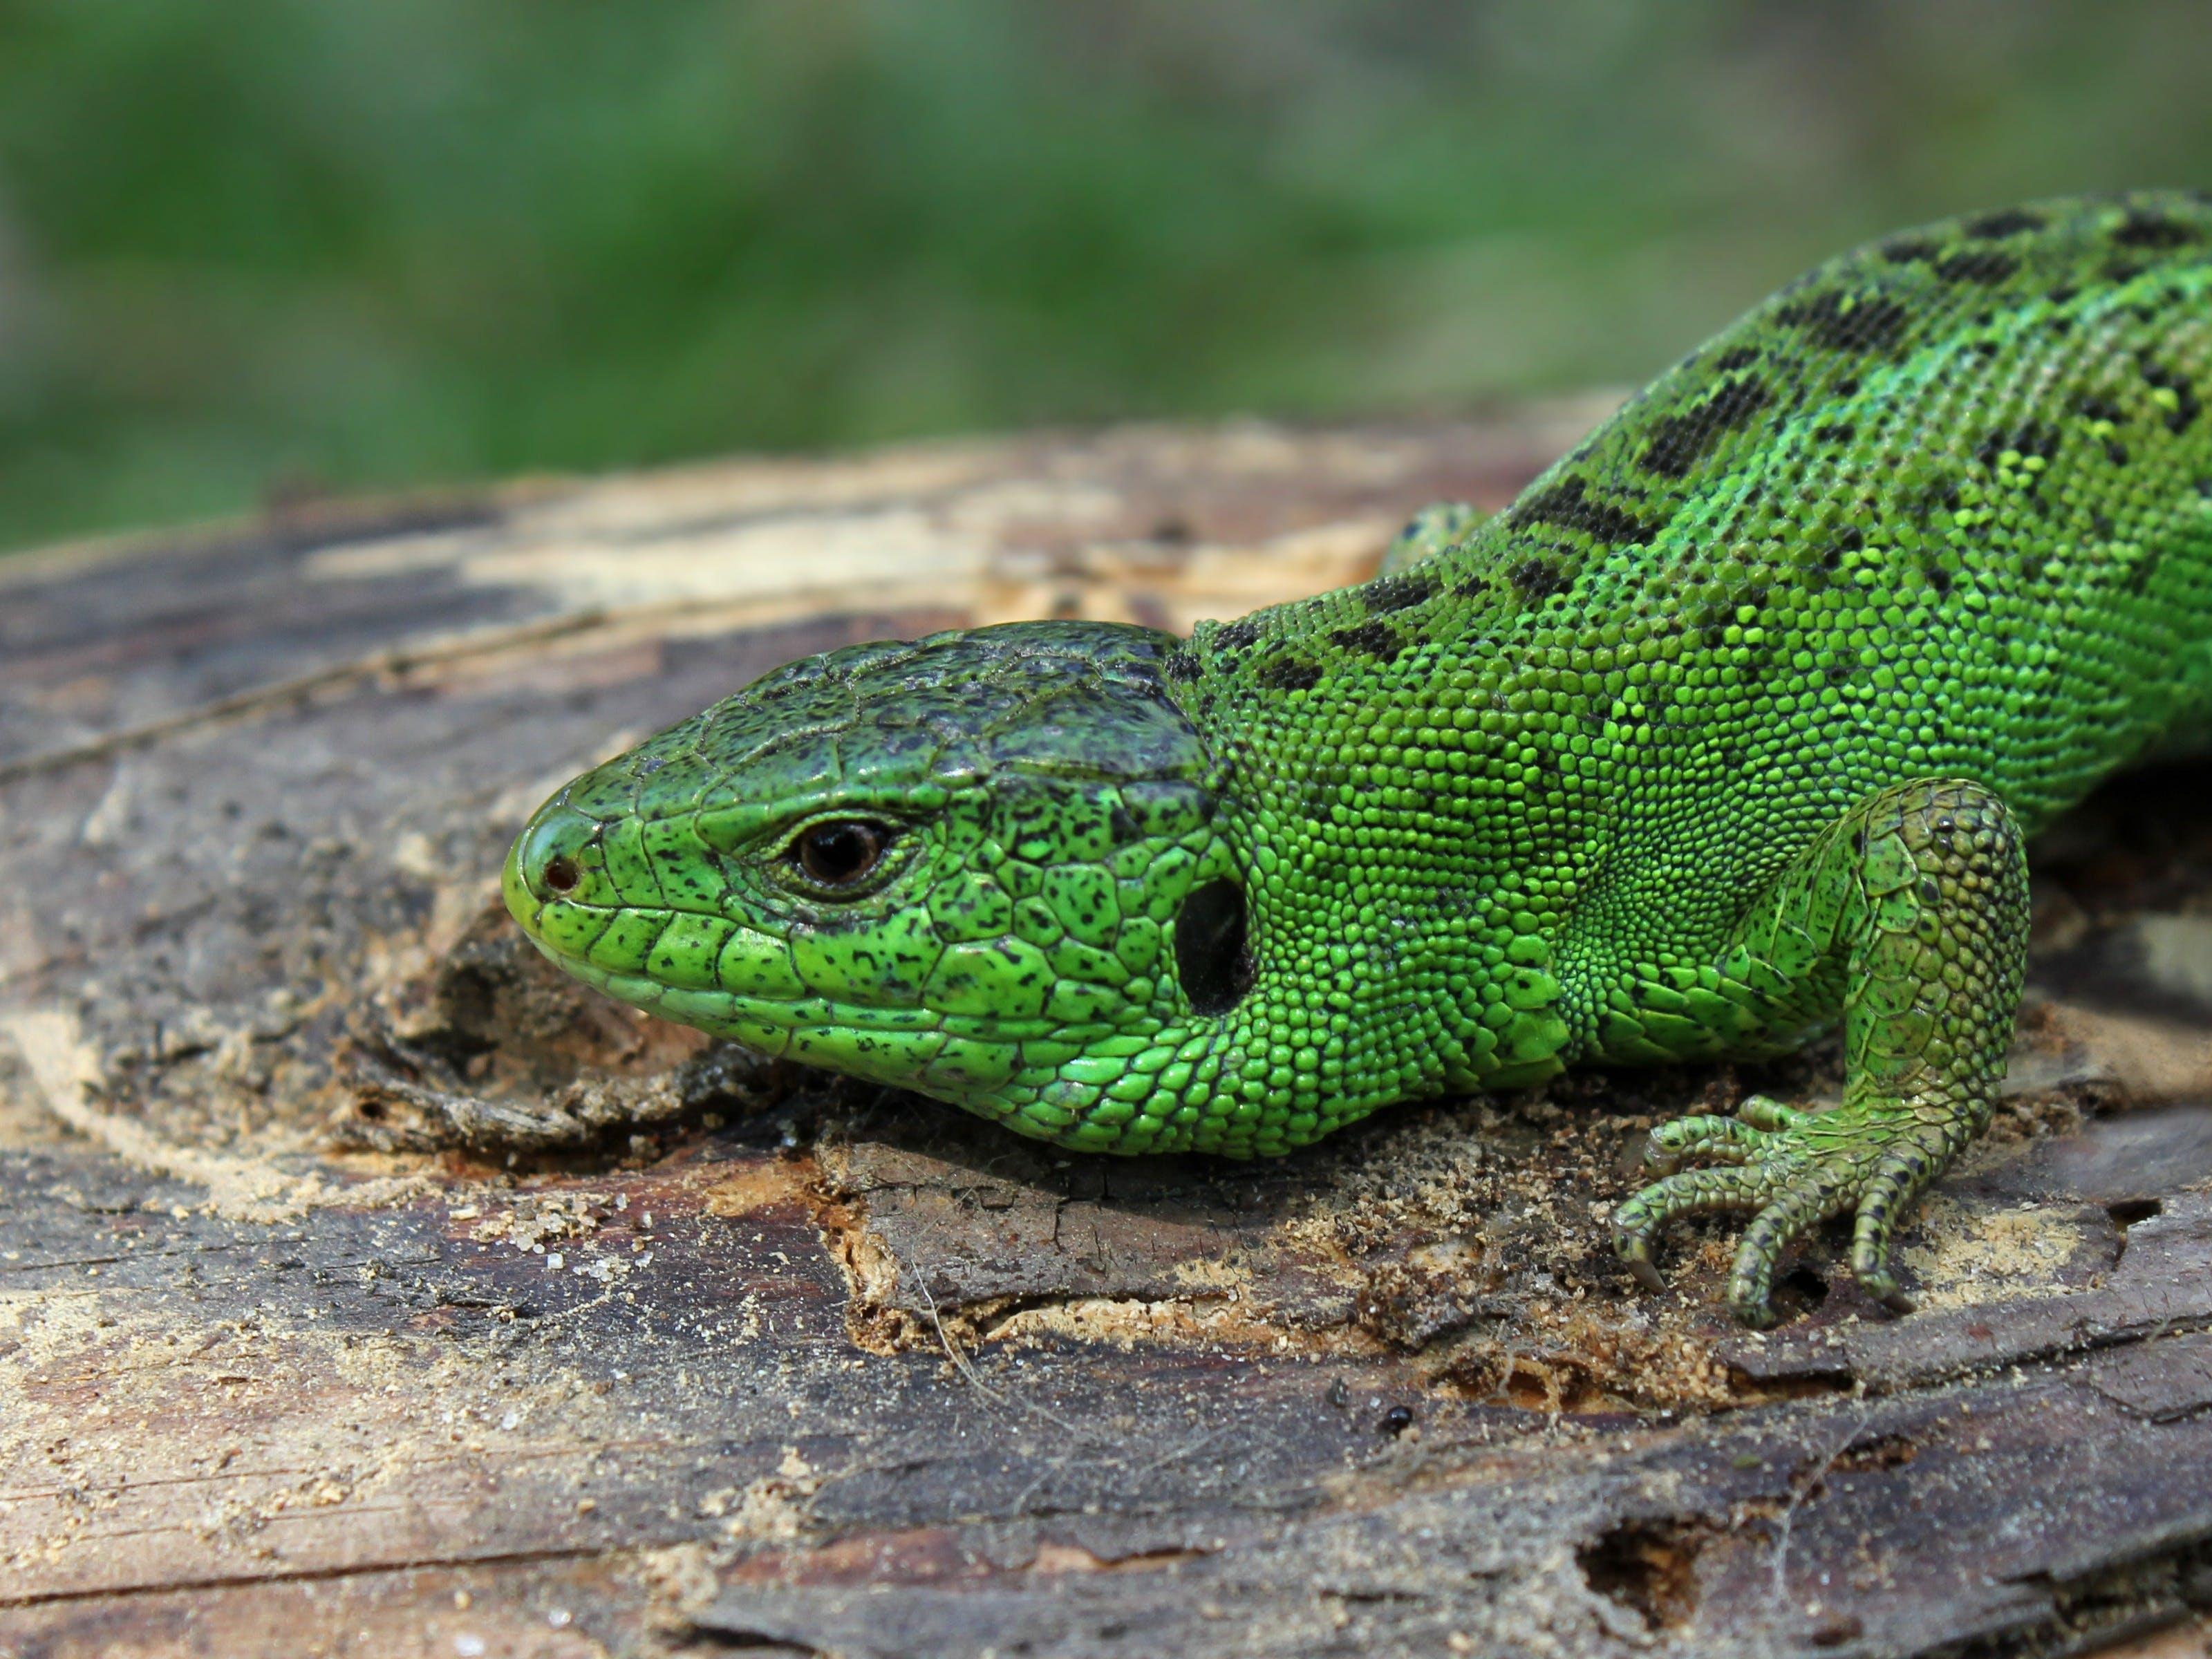 Darmowe zdjęcie z galerii z jaszczurka, makro, zbliżenie, zielony